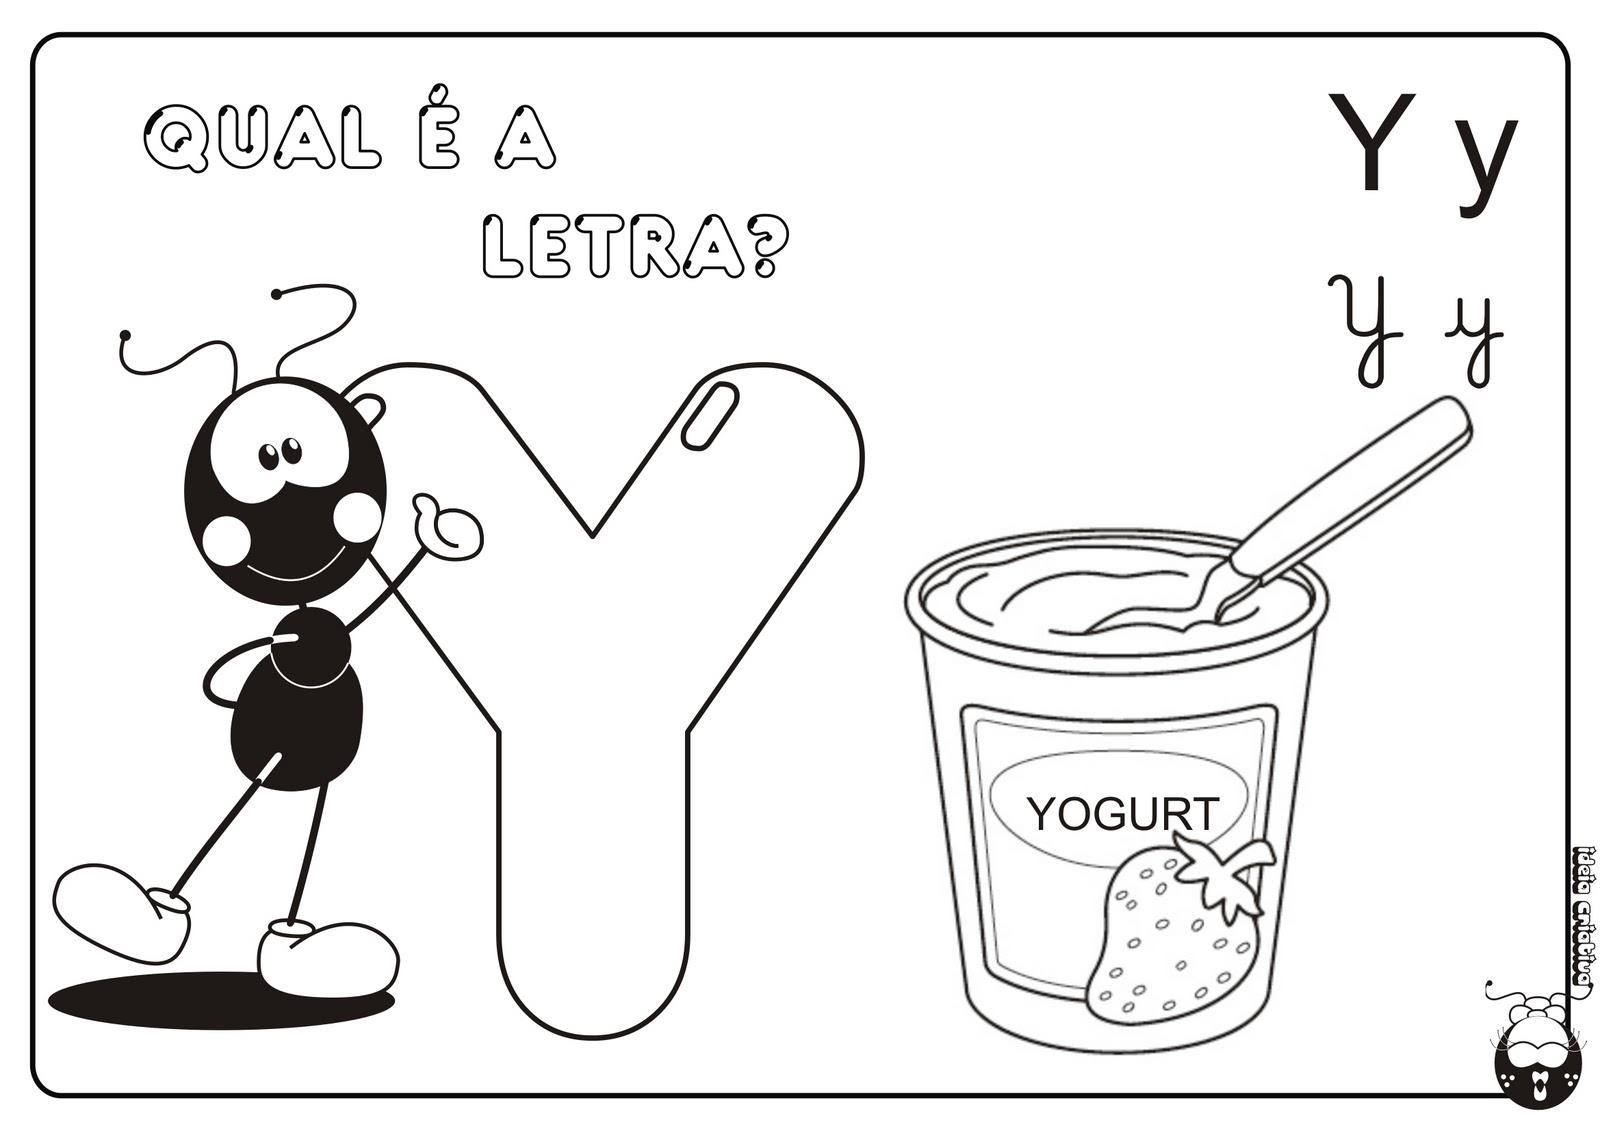 Alfabeto Smilinguido 4 tipos de letra para Baixar Grátis Letra y